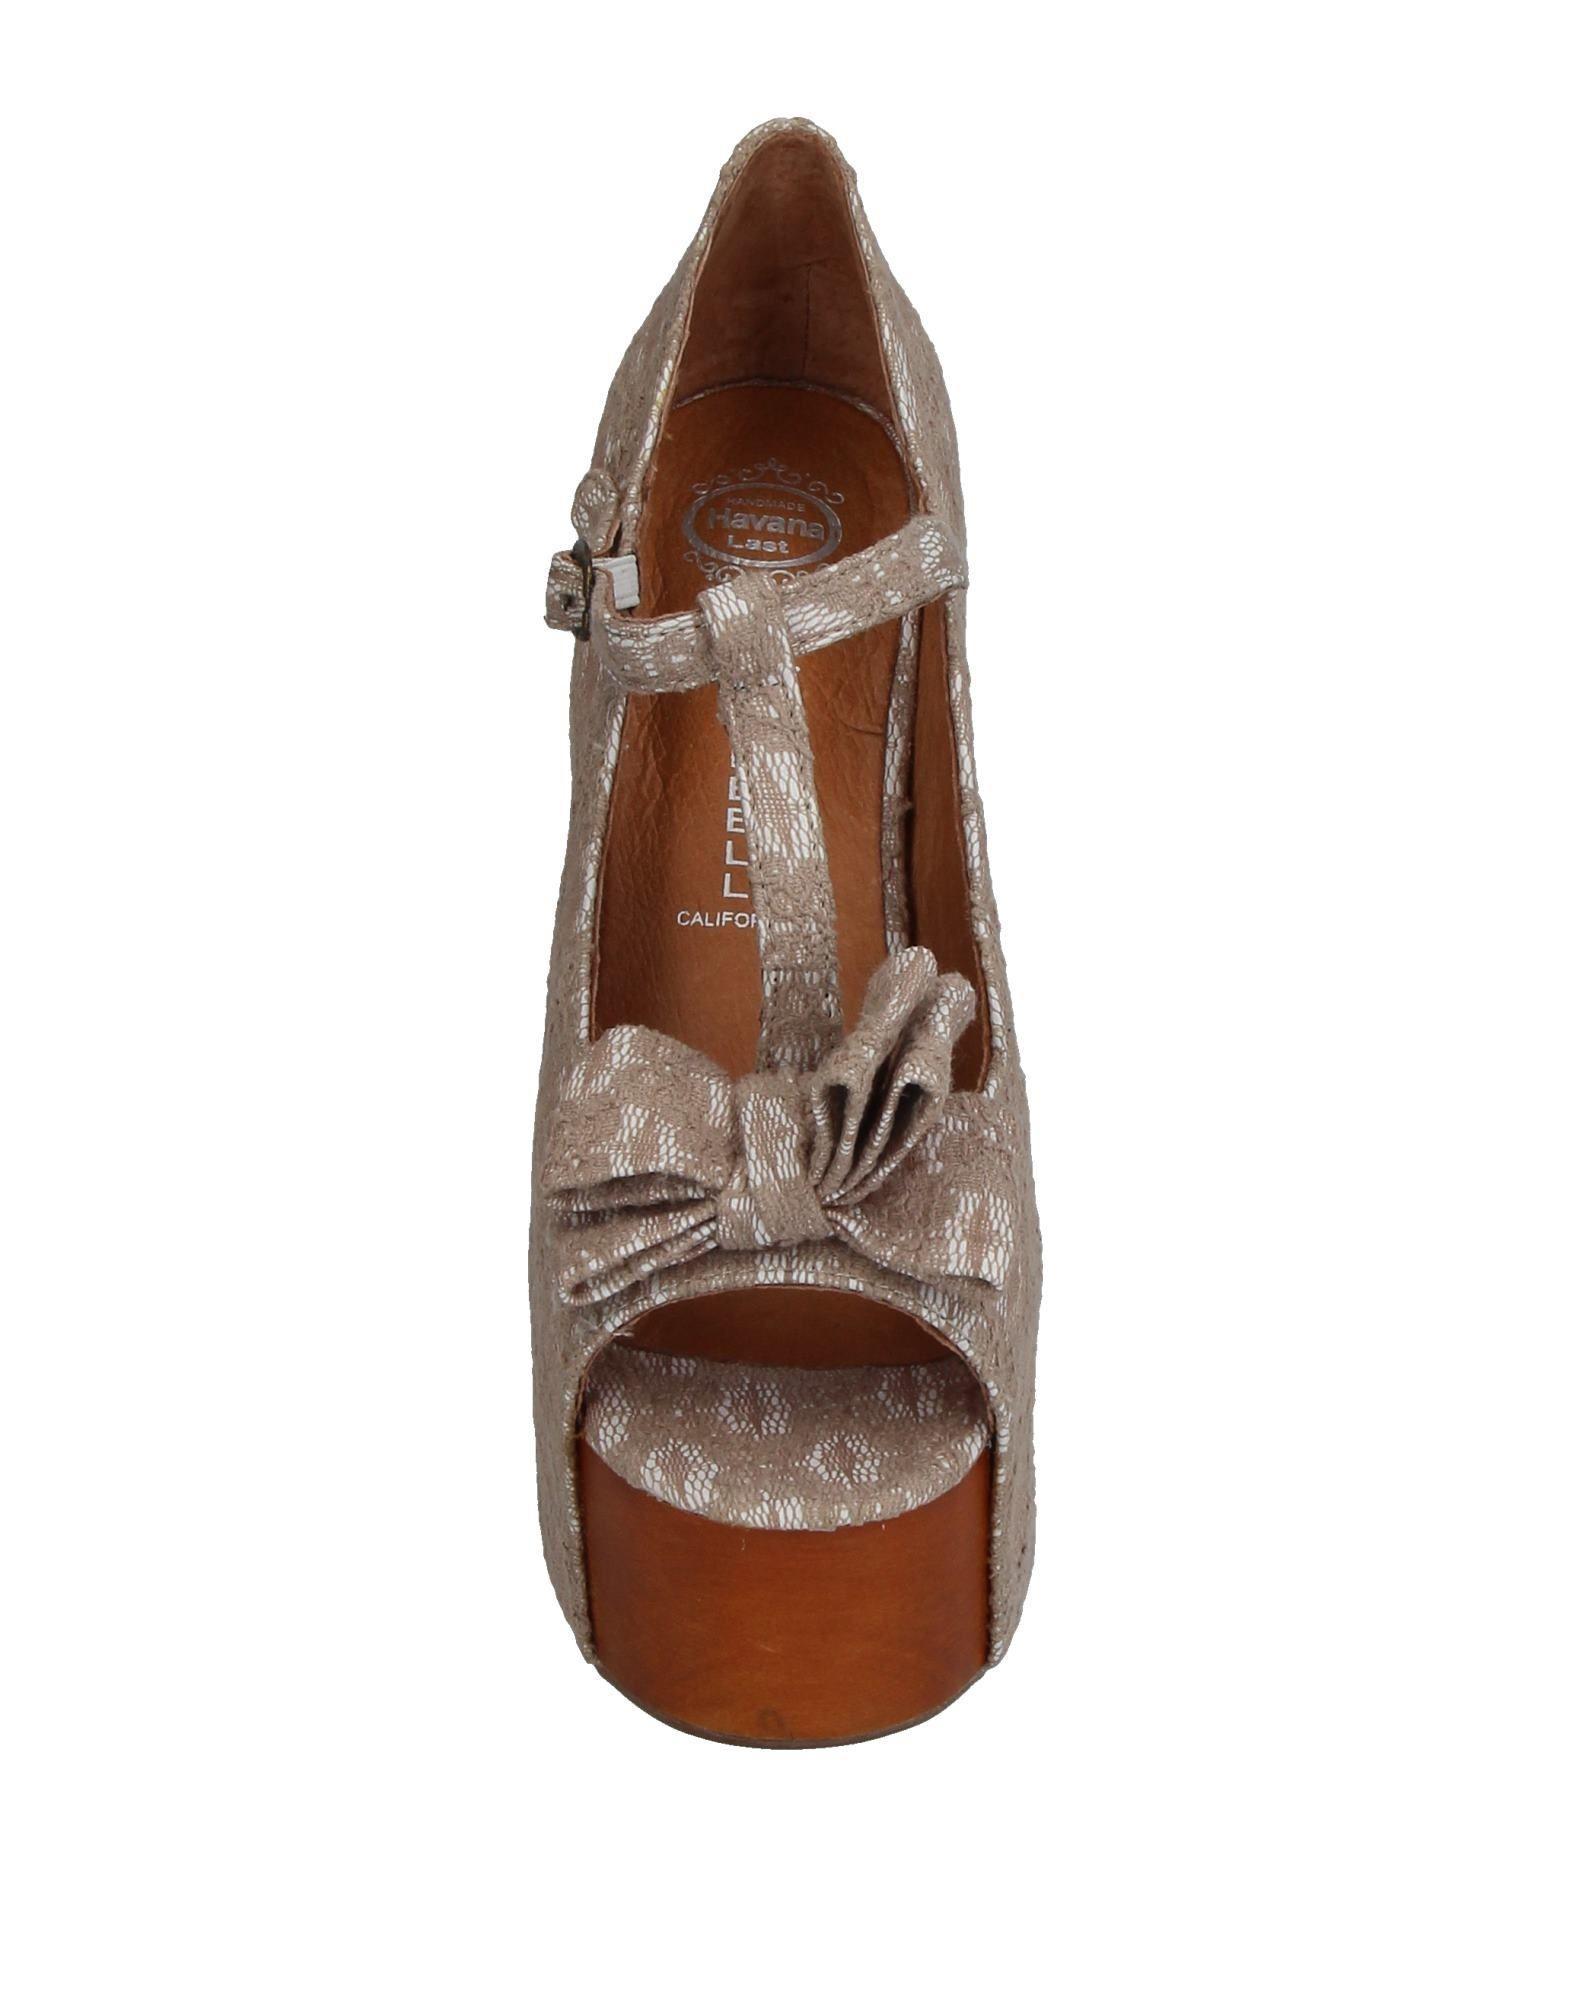 Zapatos de salón Jeffrey Campbell de Encaje de color Neutro